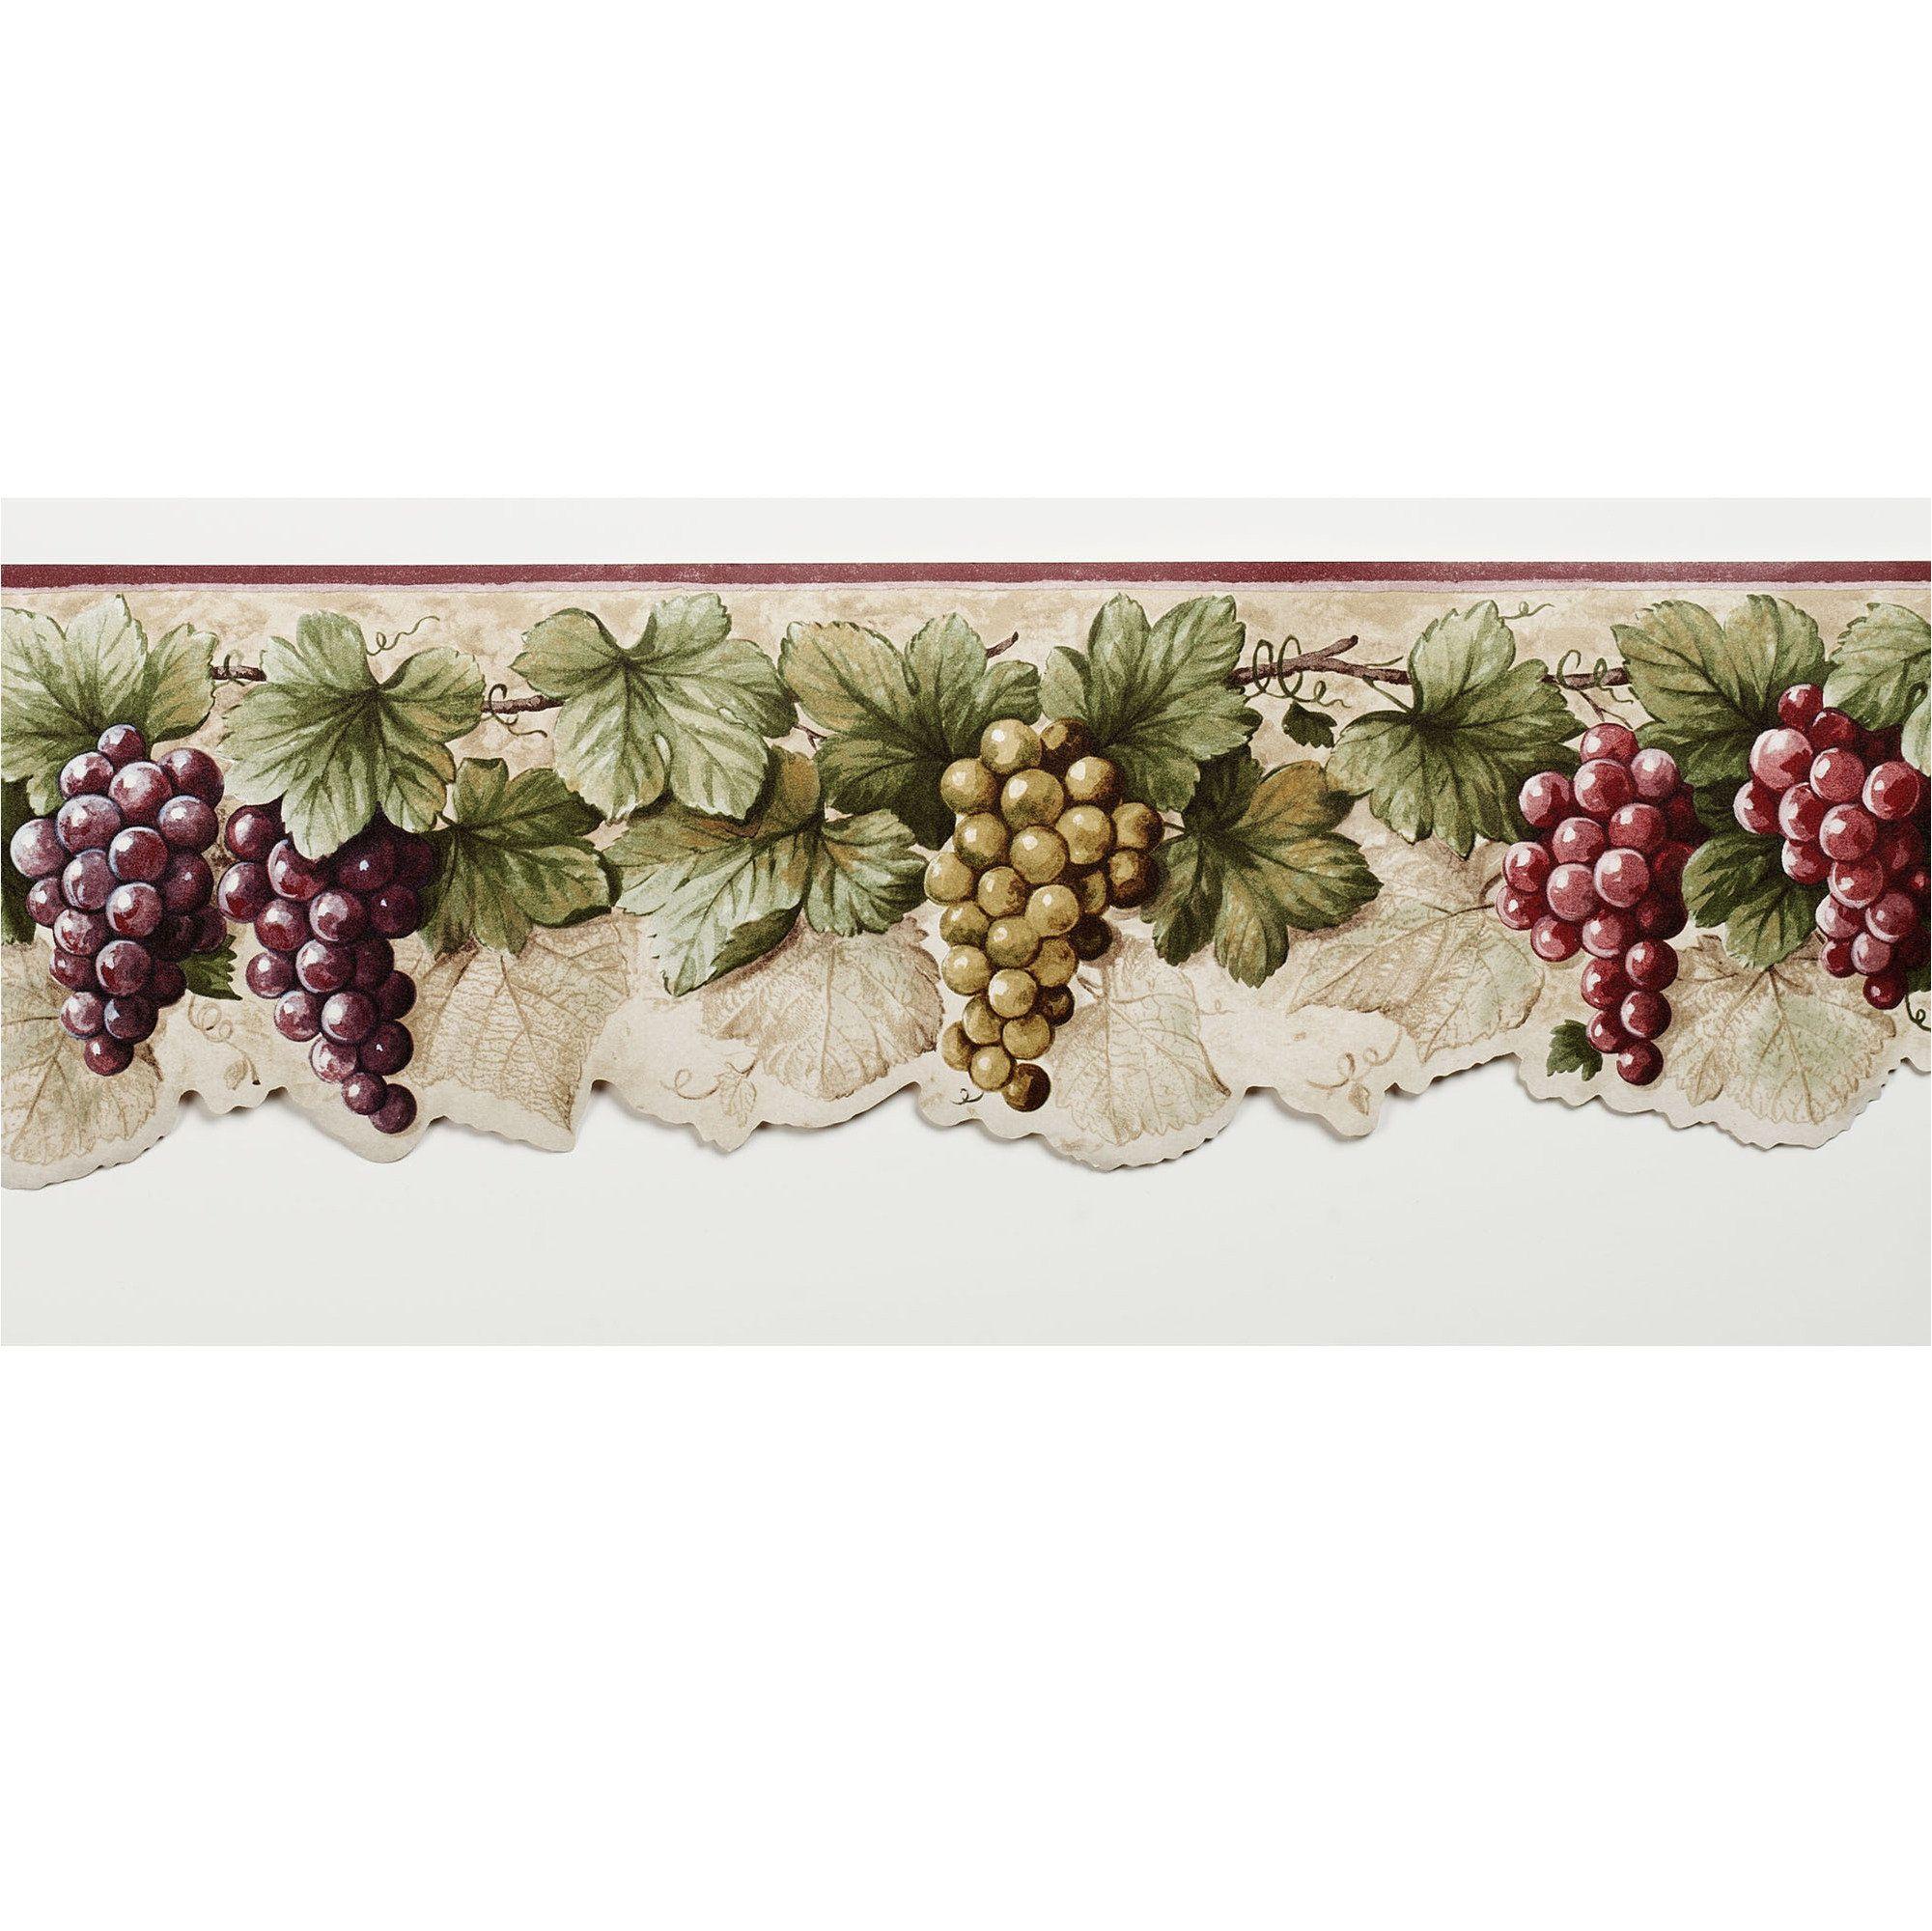 Wine Border Wallpaper Hd Grape Wallpaper Wallpaper Border Grape Decor